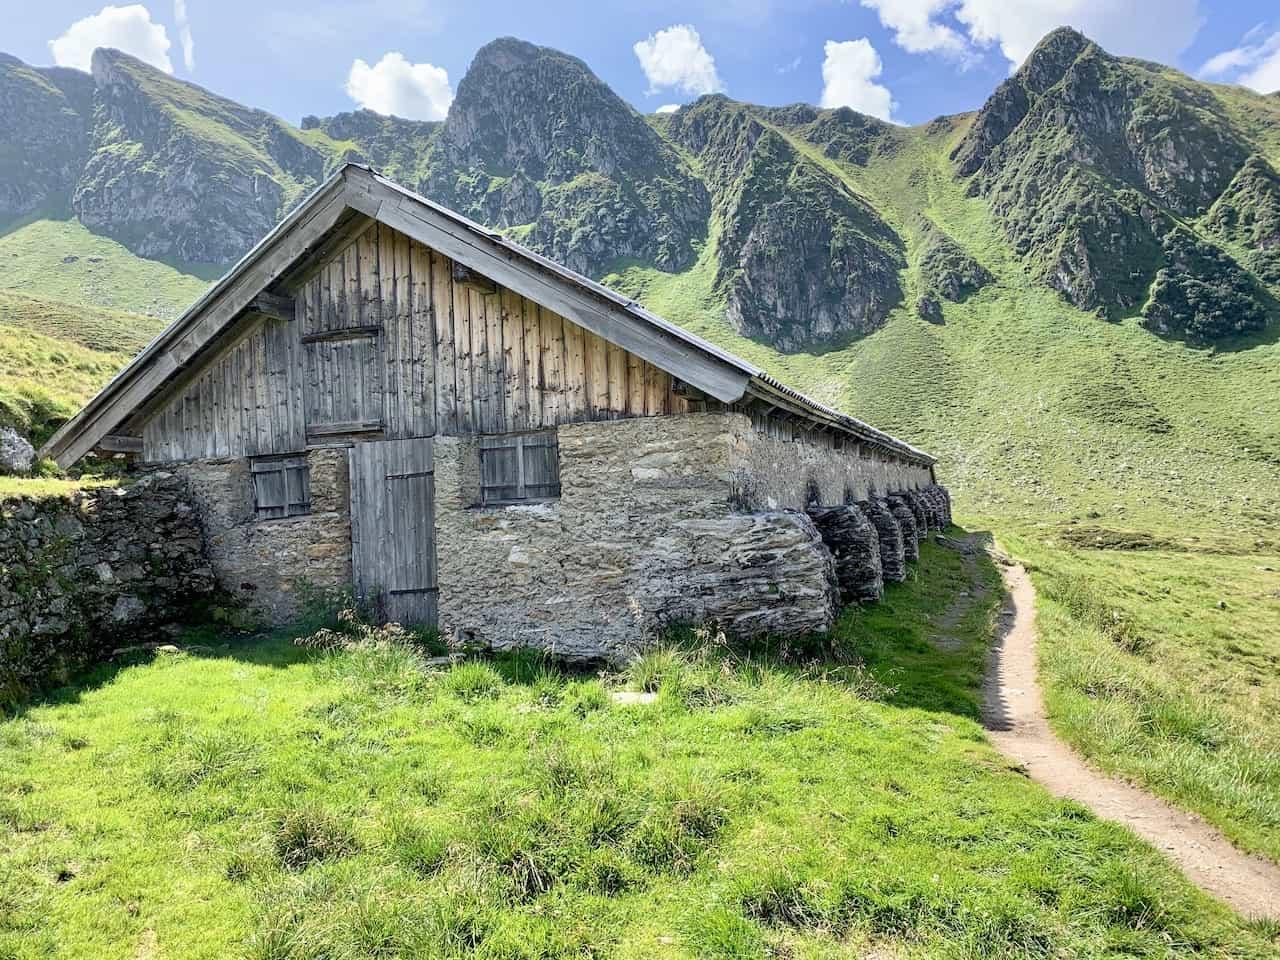 Ahorn Mountain House